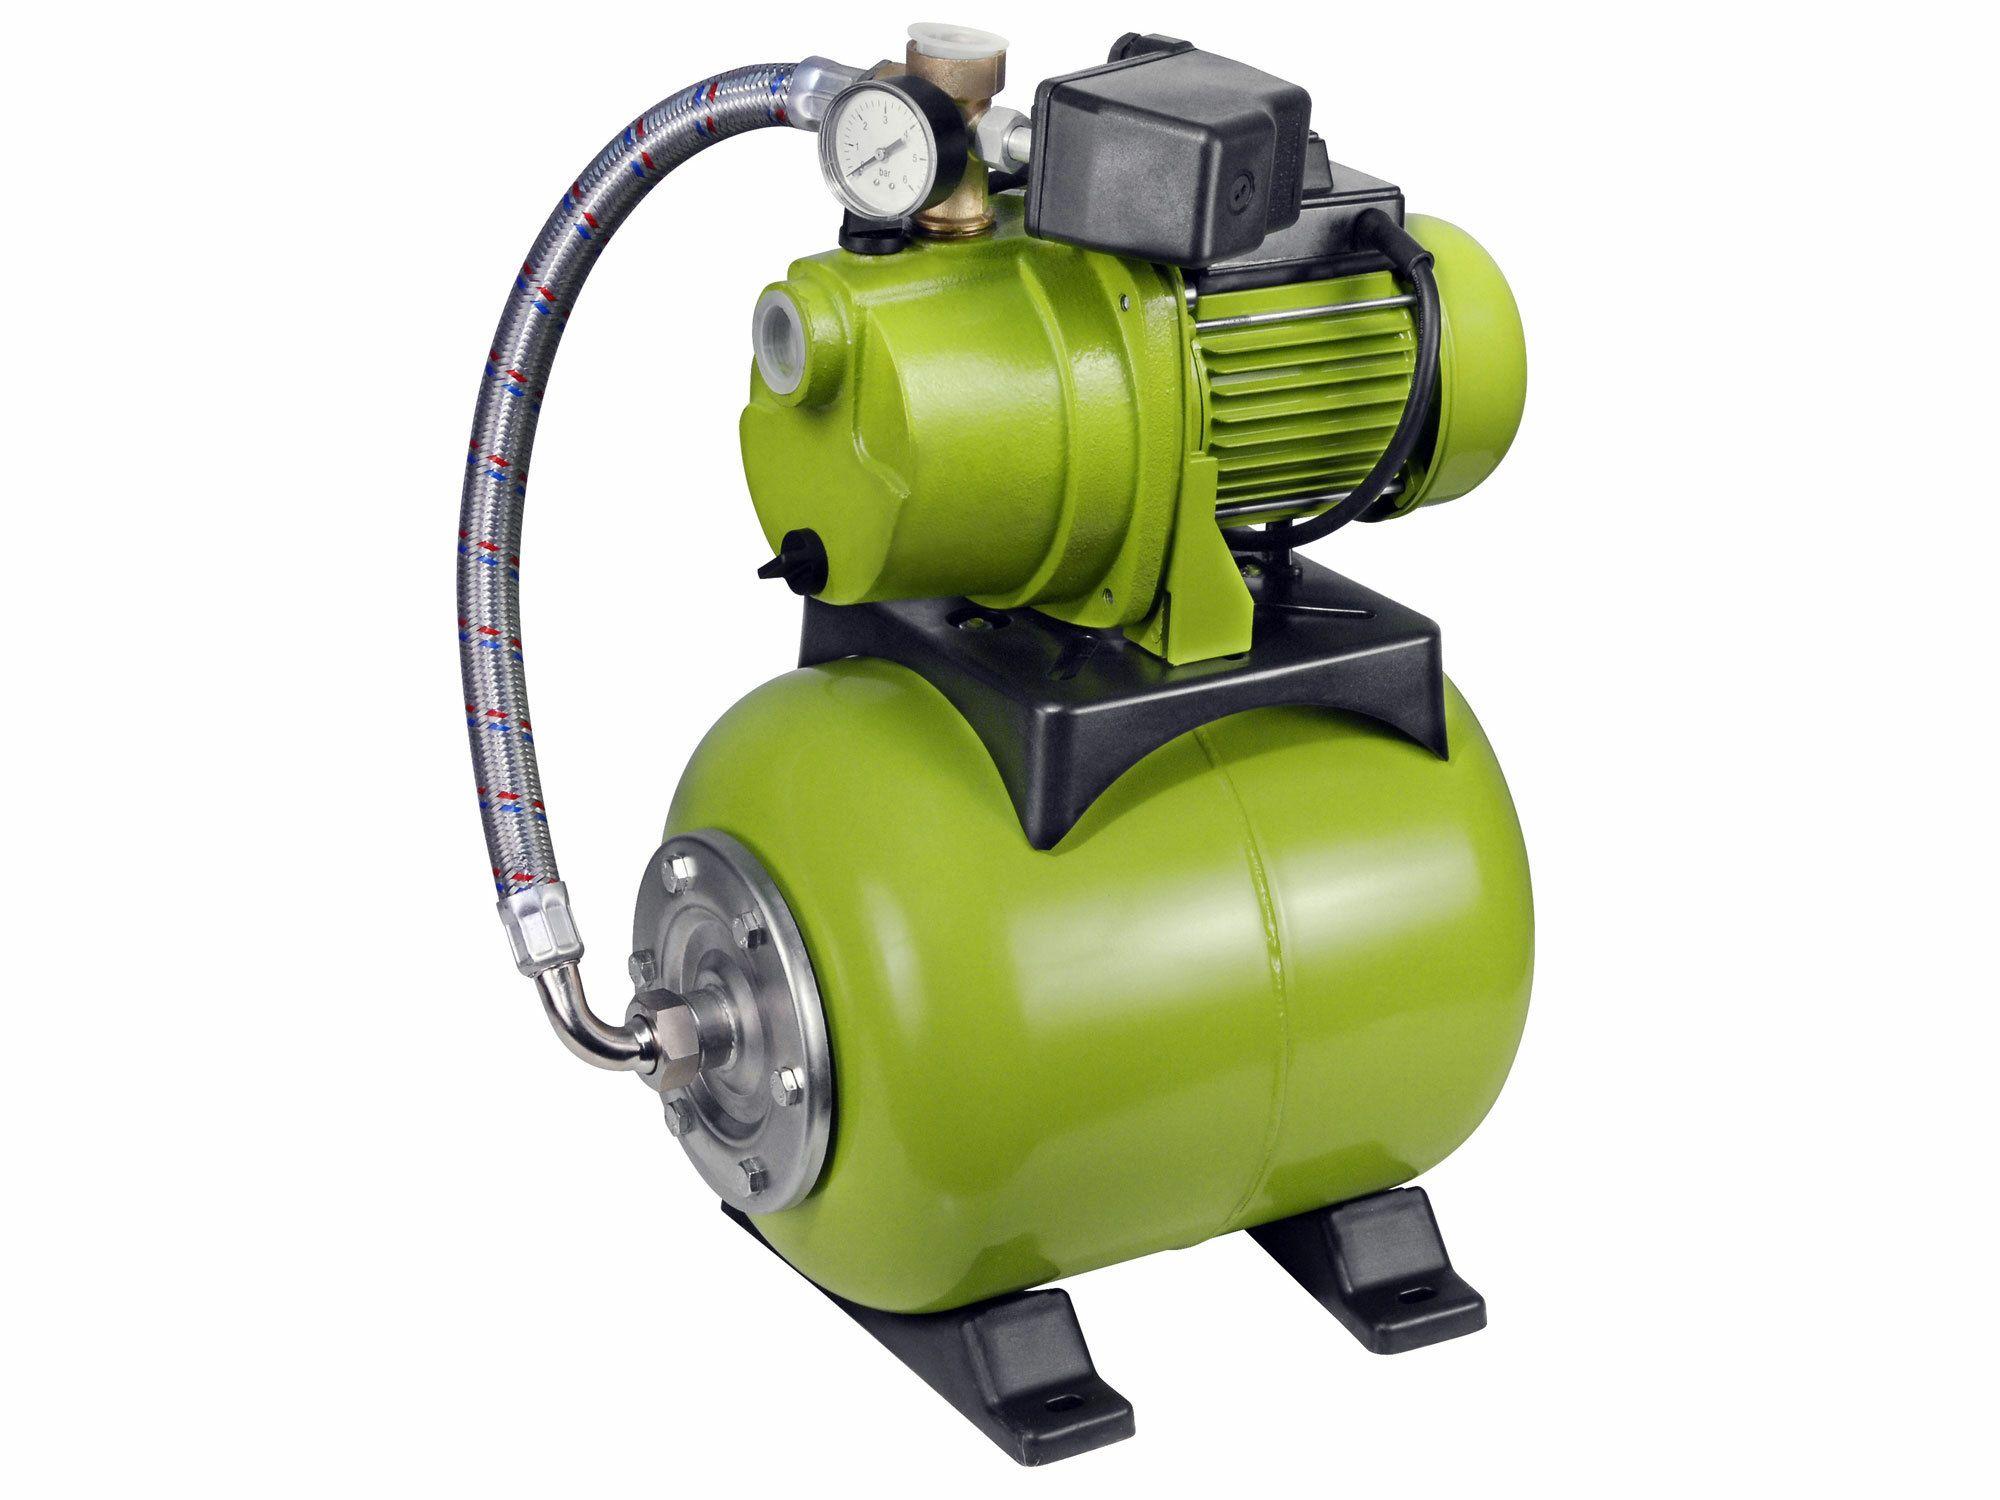 Čerpadlo el. proudové s tlak. nádobou, 1200W, 3800l/hod, 20l, EXTOL CRAFT, 414251